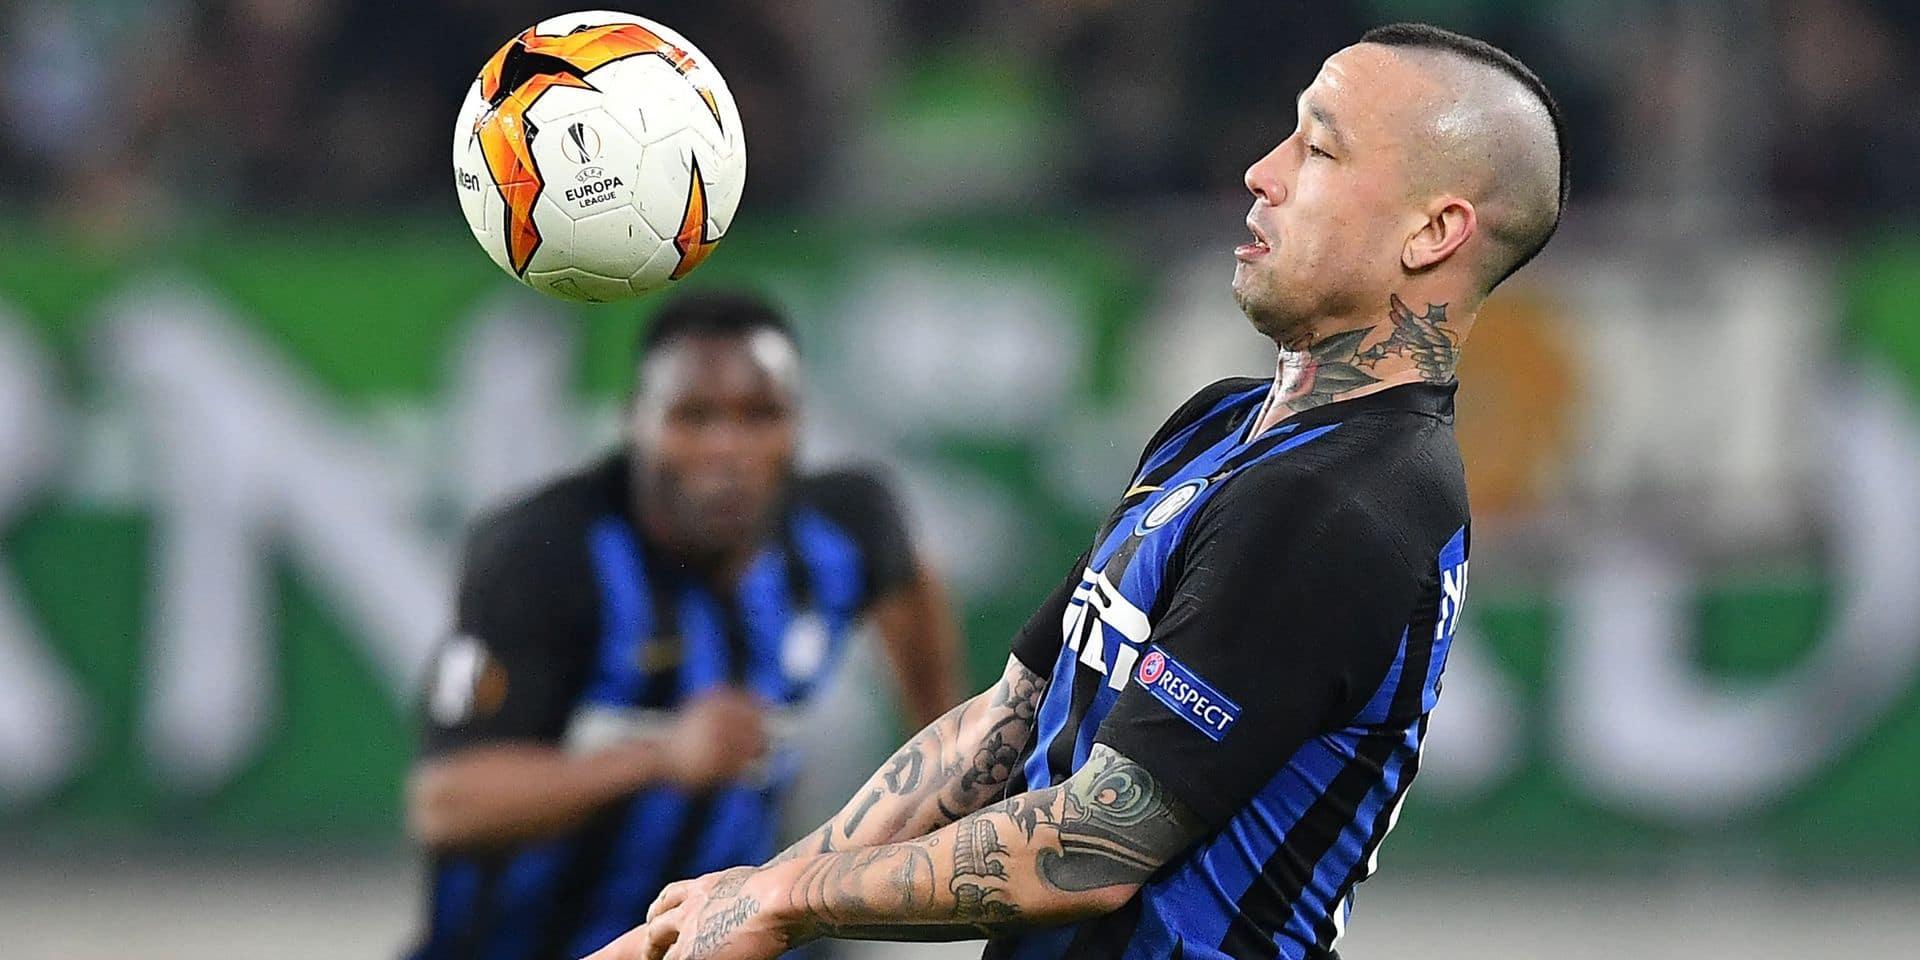 Les Belges en Europa League: l'Inter Milan avec Nainggolan s'impose au Rapid Vienne (0-1) en 16es de finale aller